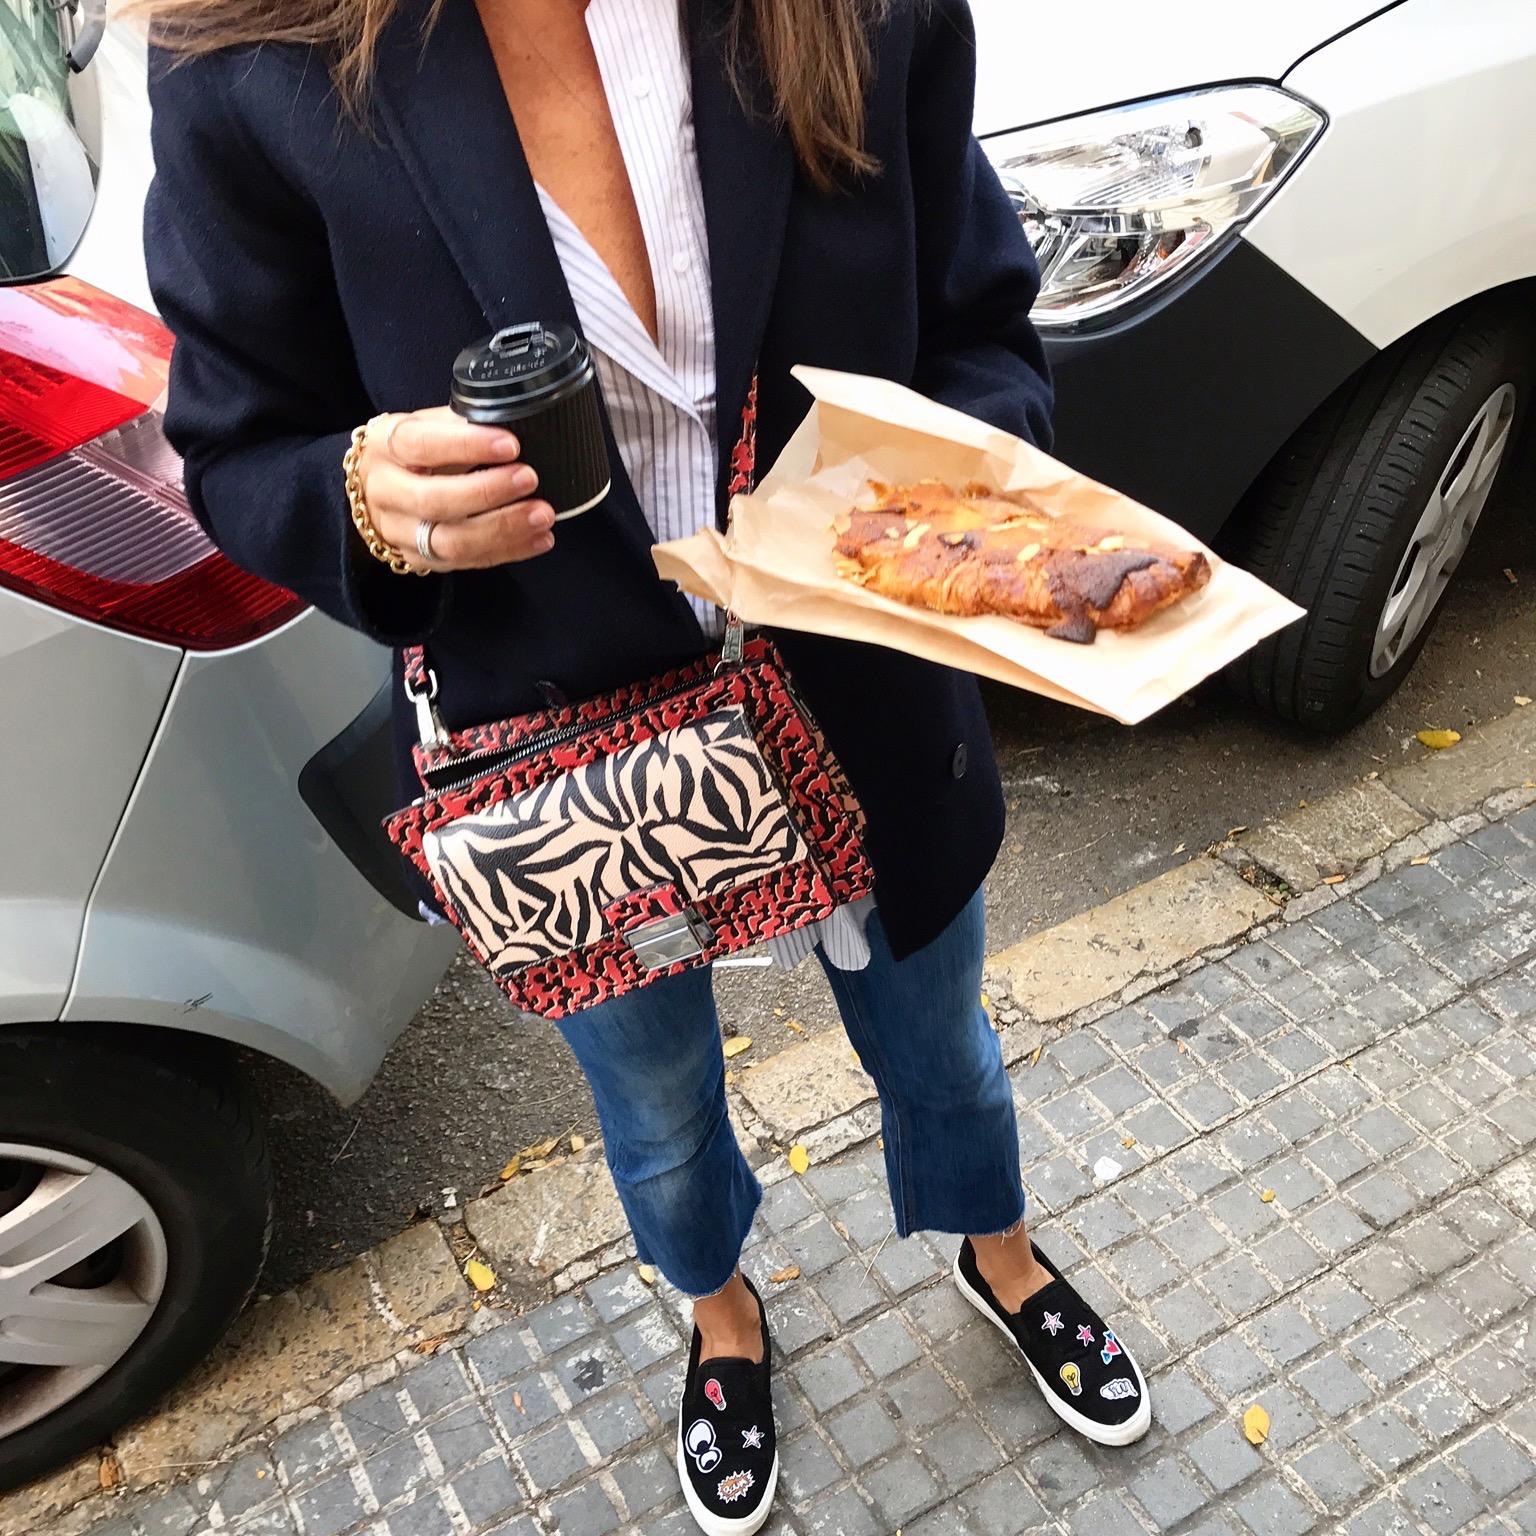 väska - Sanna Fischer - Metro Mode 24a9e4c71ad2a